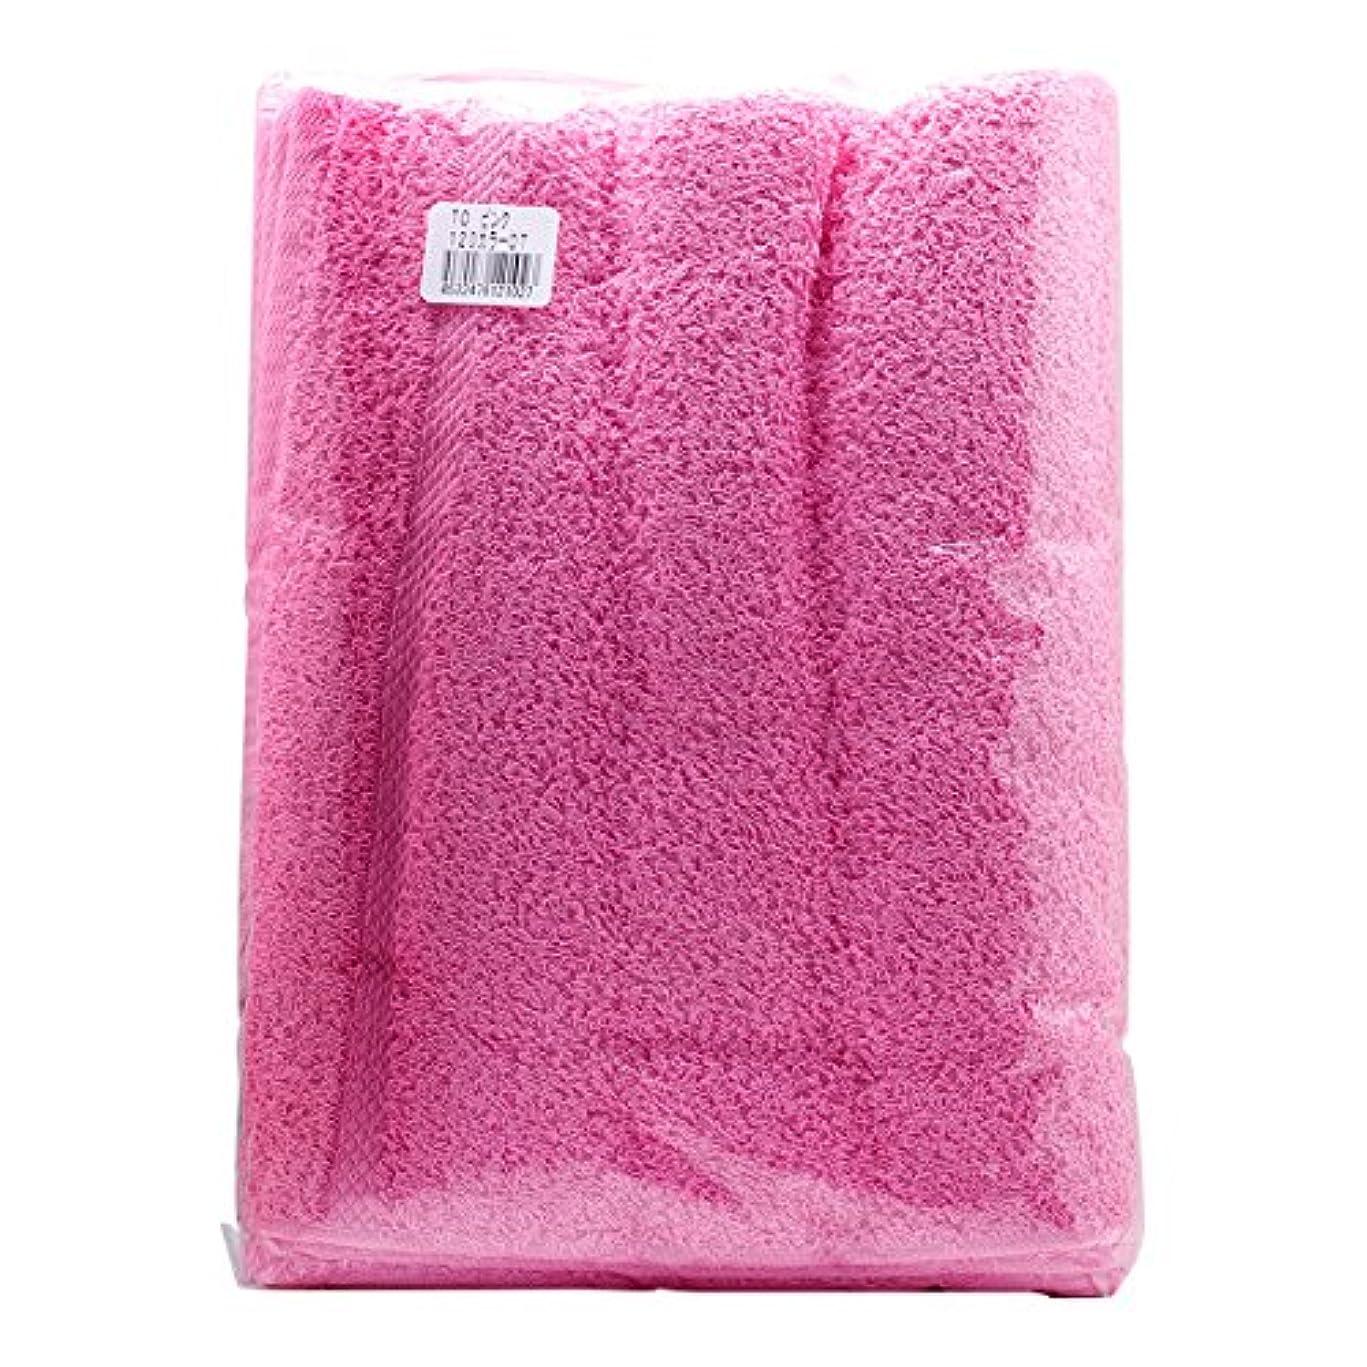 カラスハブブキャリアTO カラーおしぼり 120匁 (12枚入) ピンク